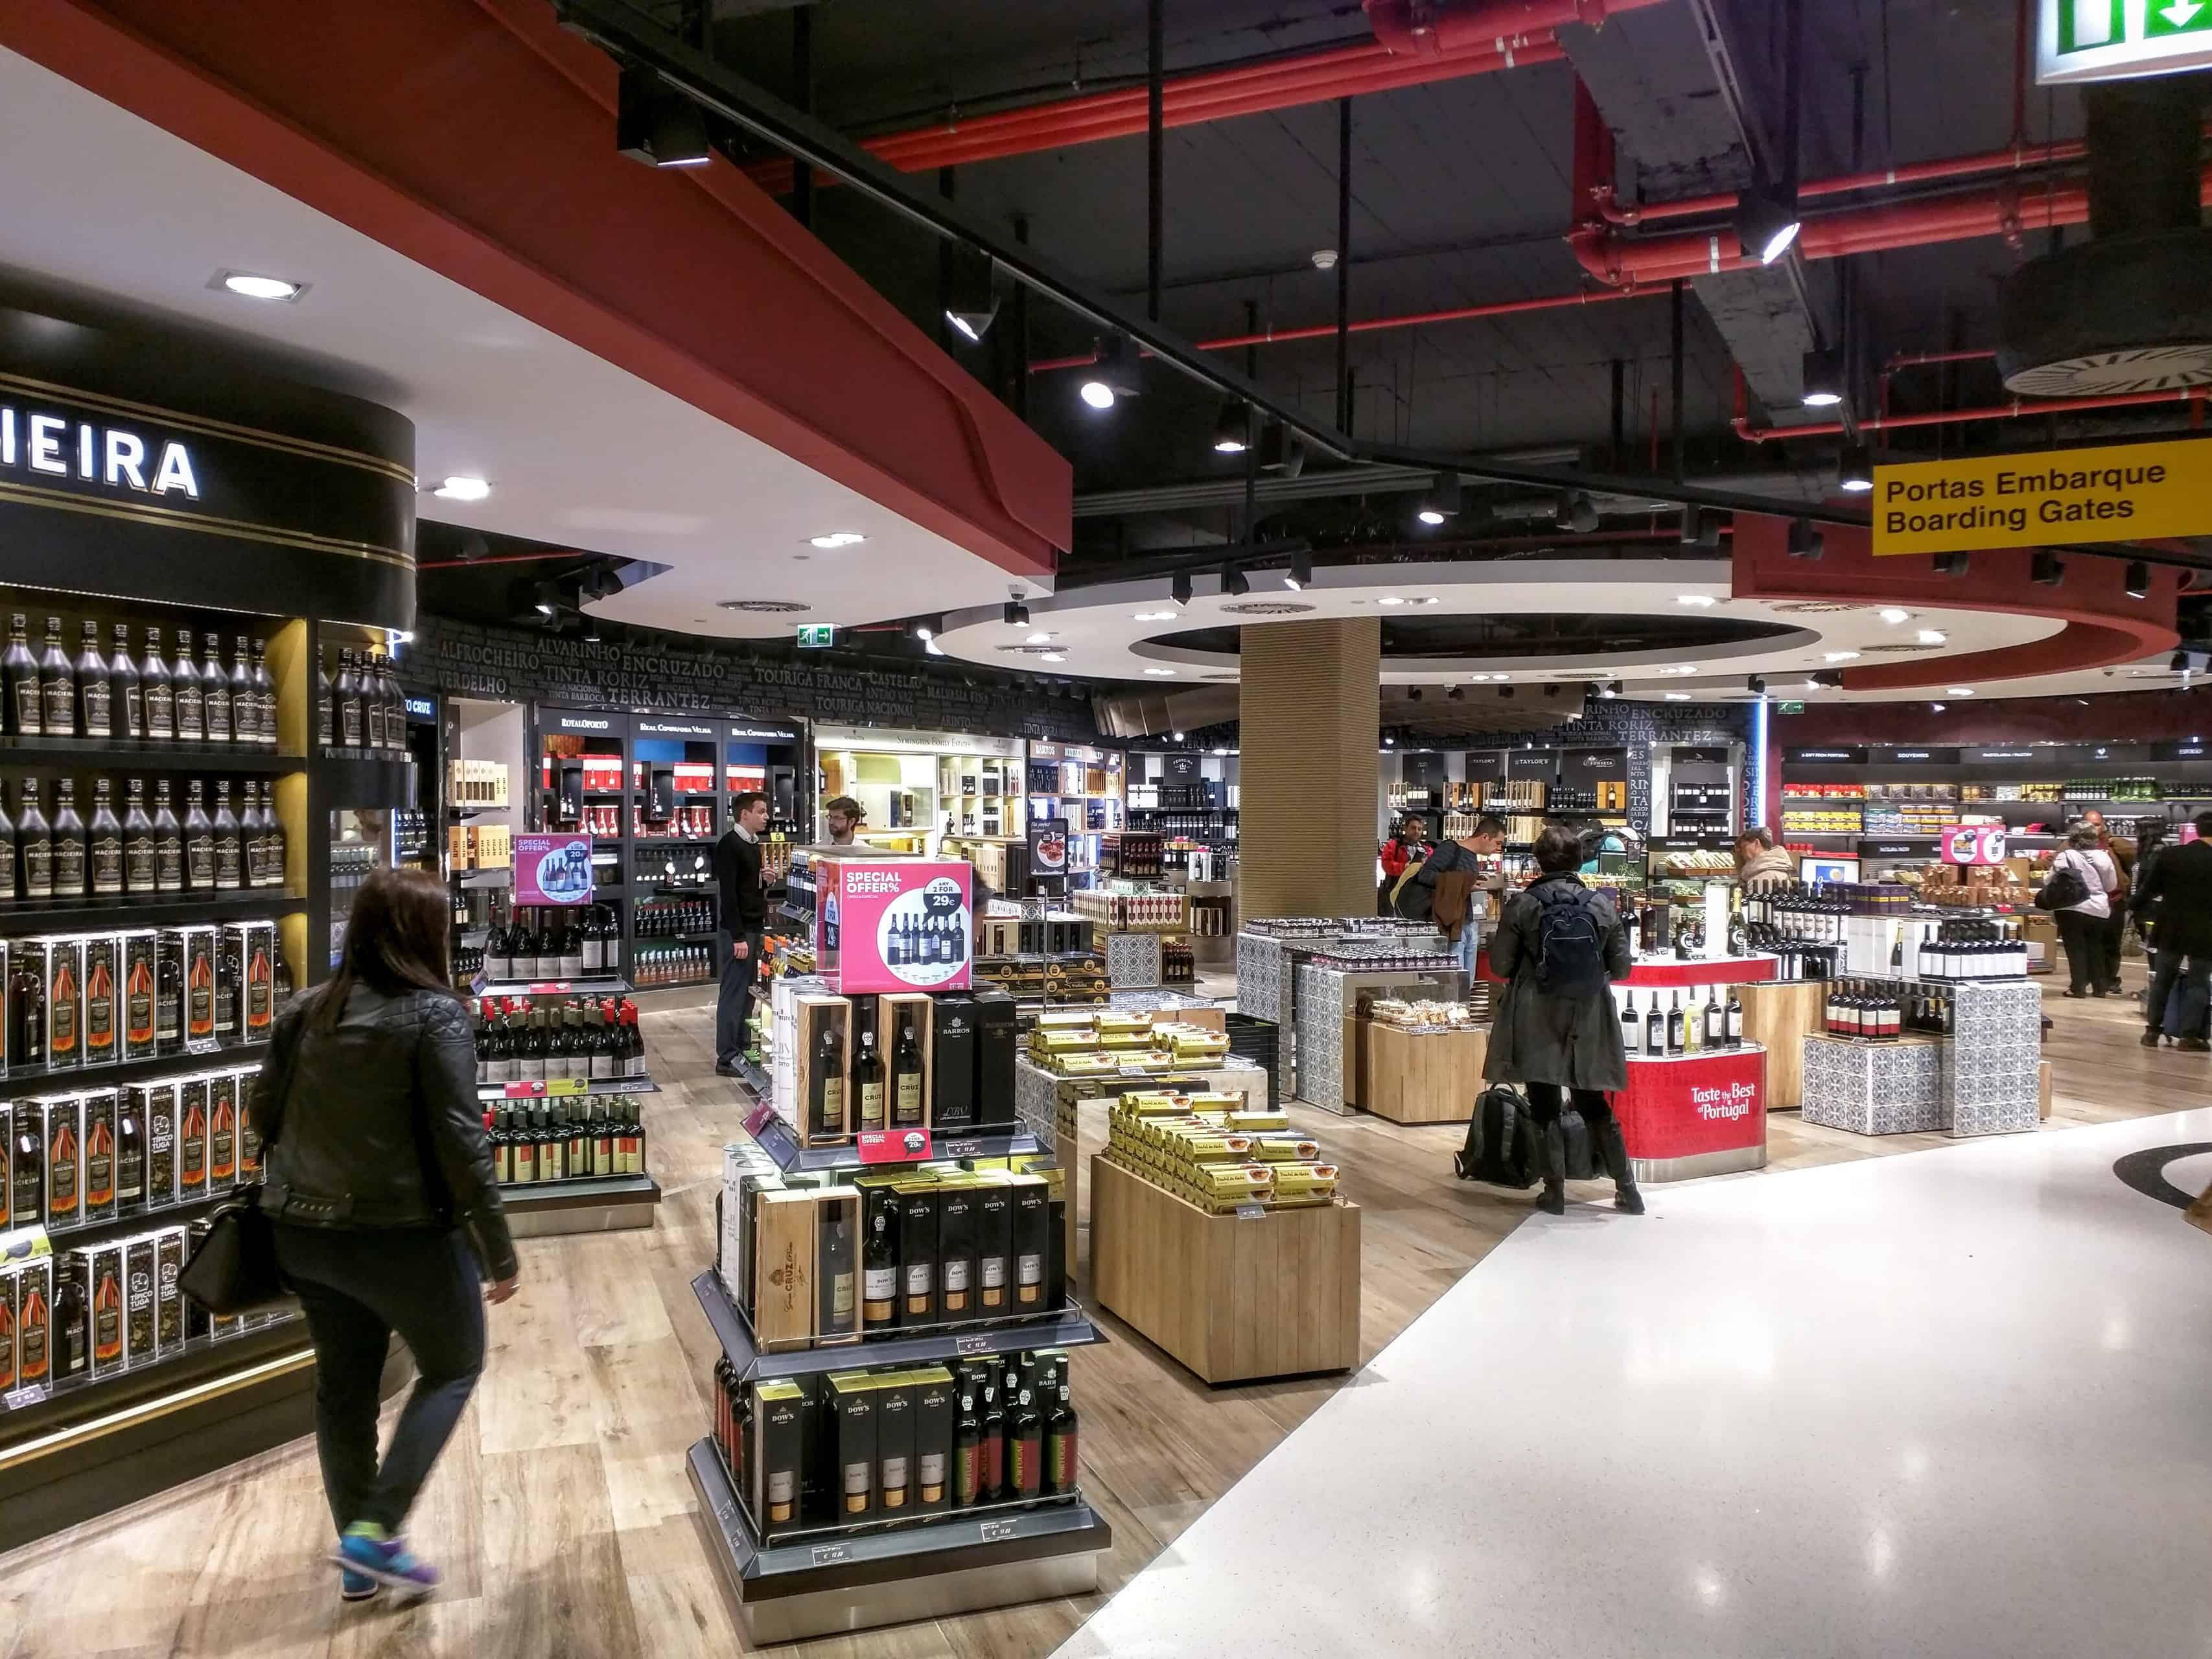 Aeroporto Internacional De Lisboa Nome : Preços no free shop do aeroporto de lisboa são uma ilusão